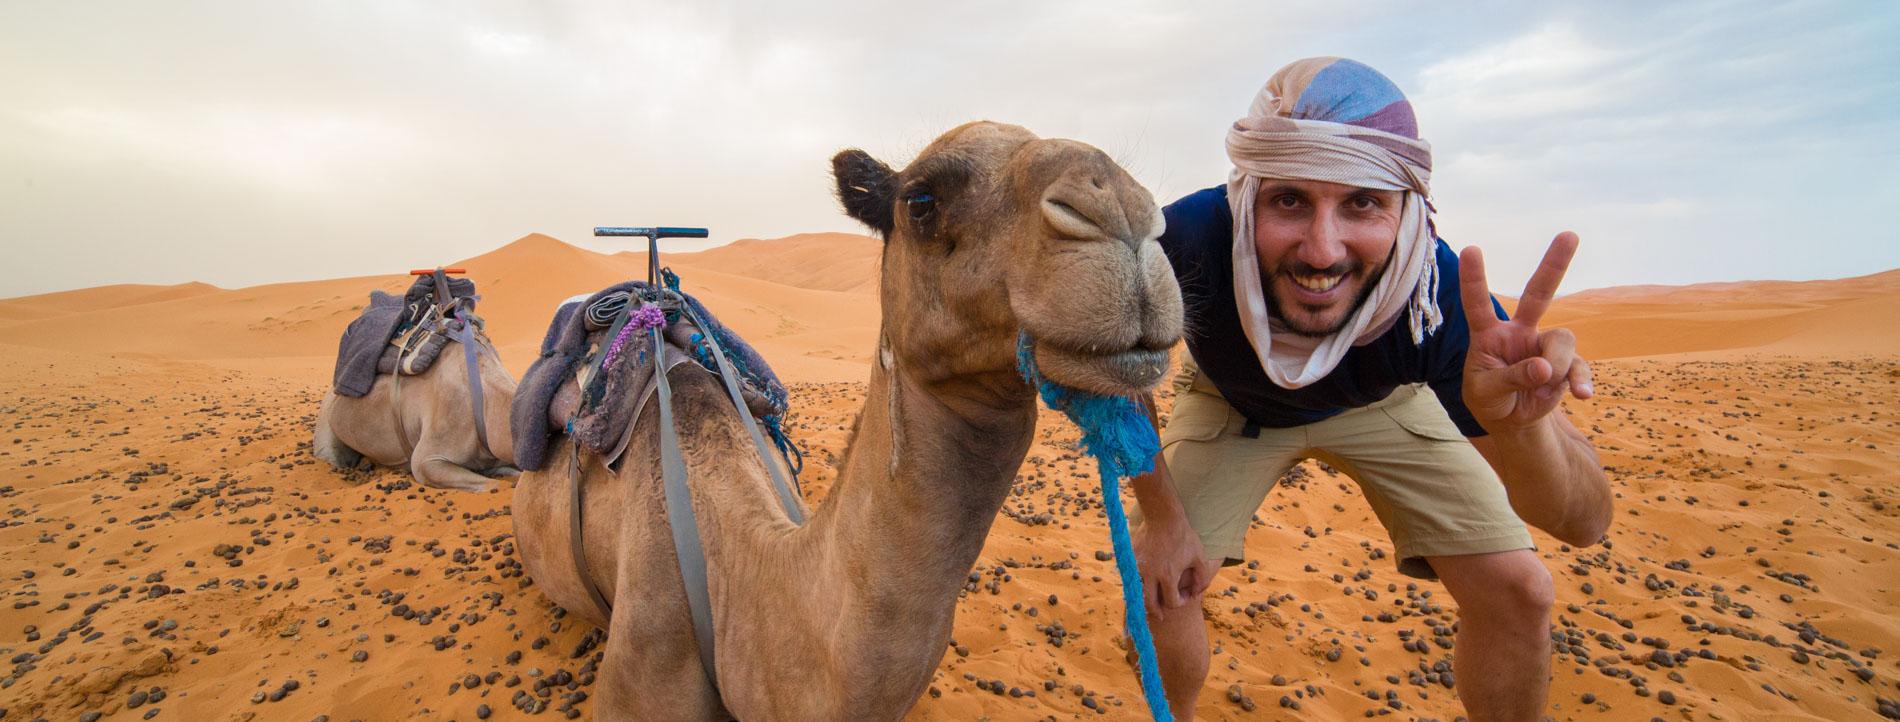 Amarant-Reizen-Header-Marokko-1